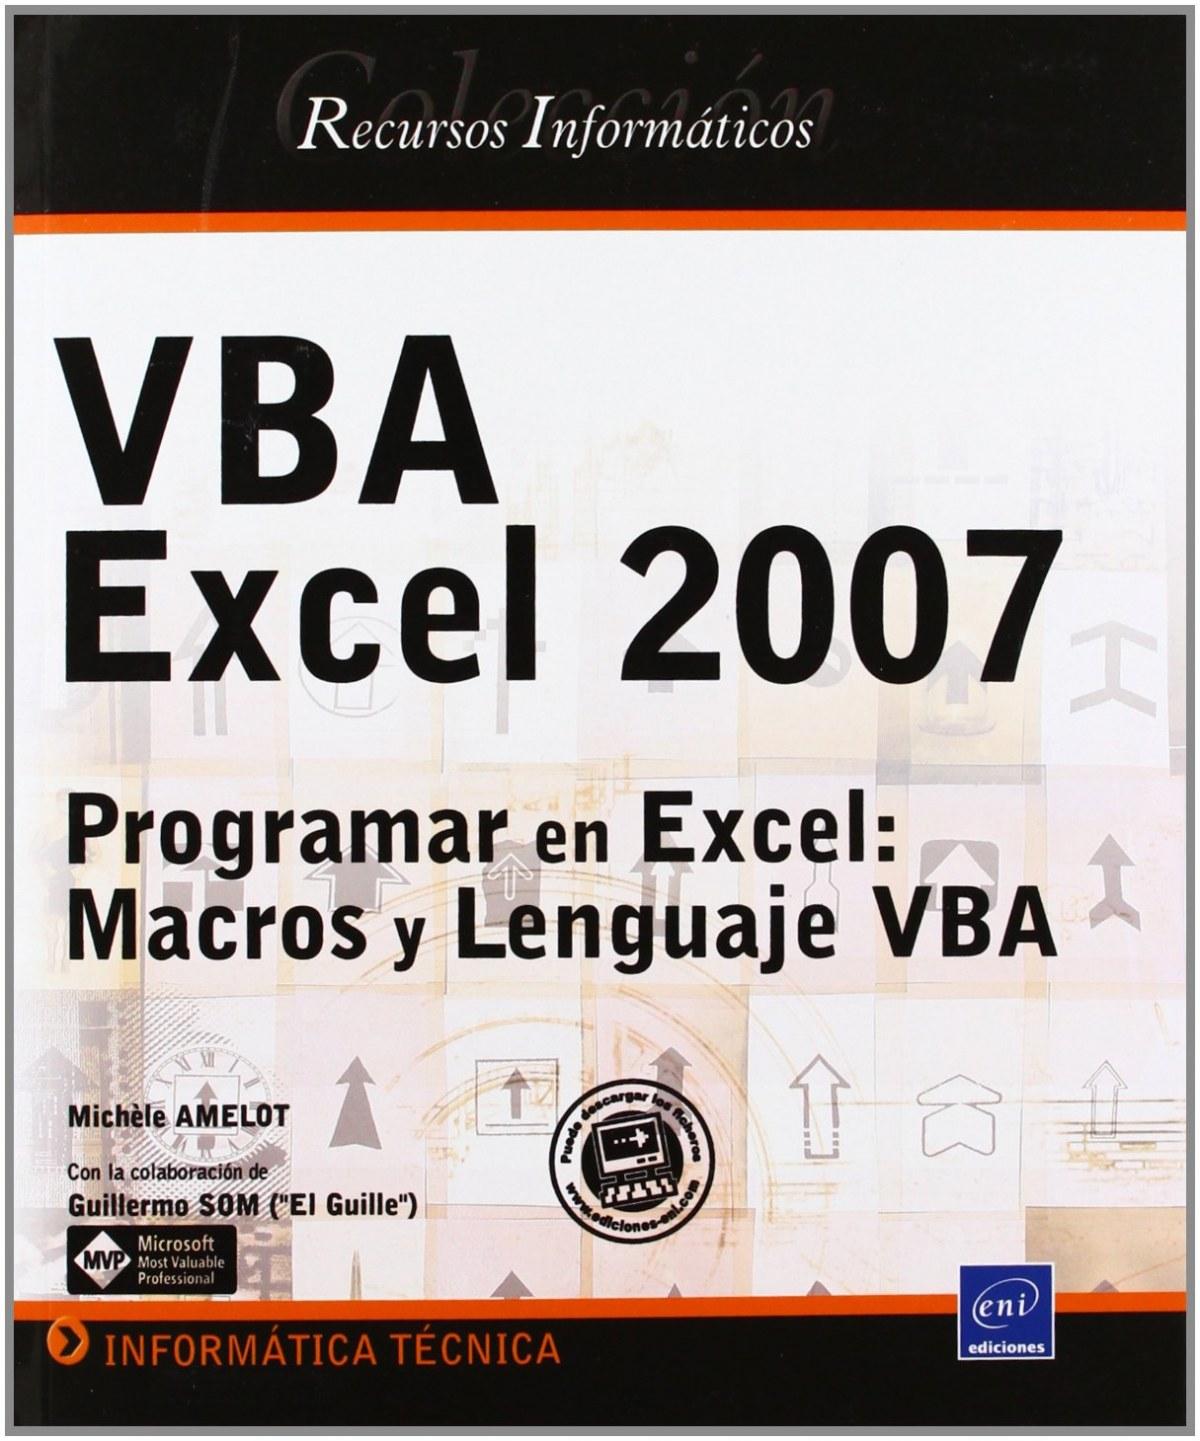 Recursos Inform. VBA EXCEL 2007